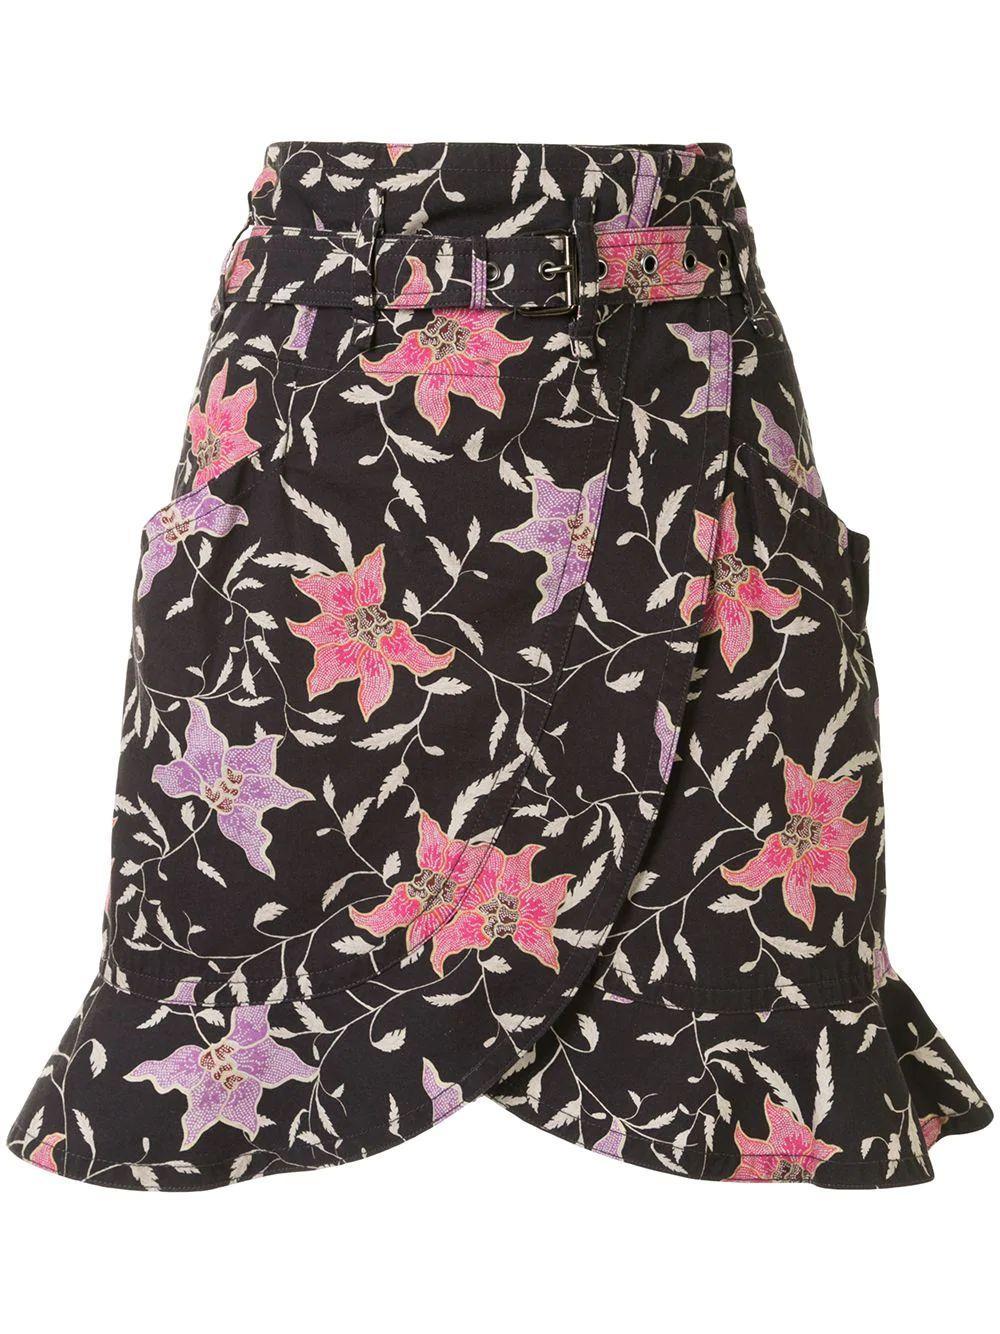 Roani Printed Skirt Item # ROANI